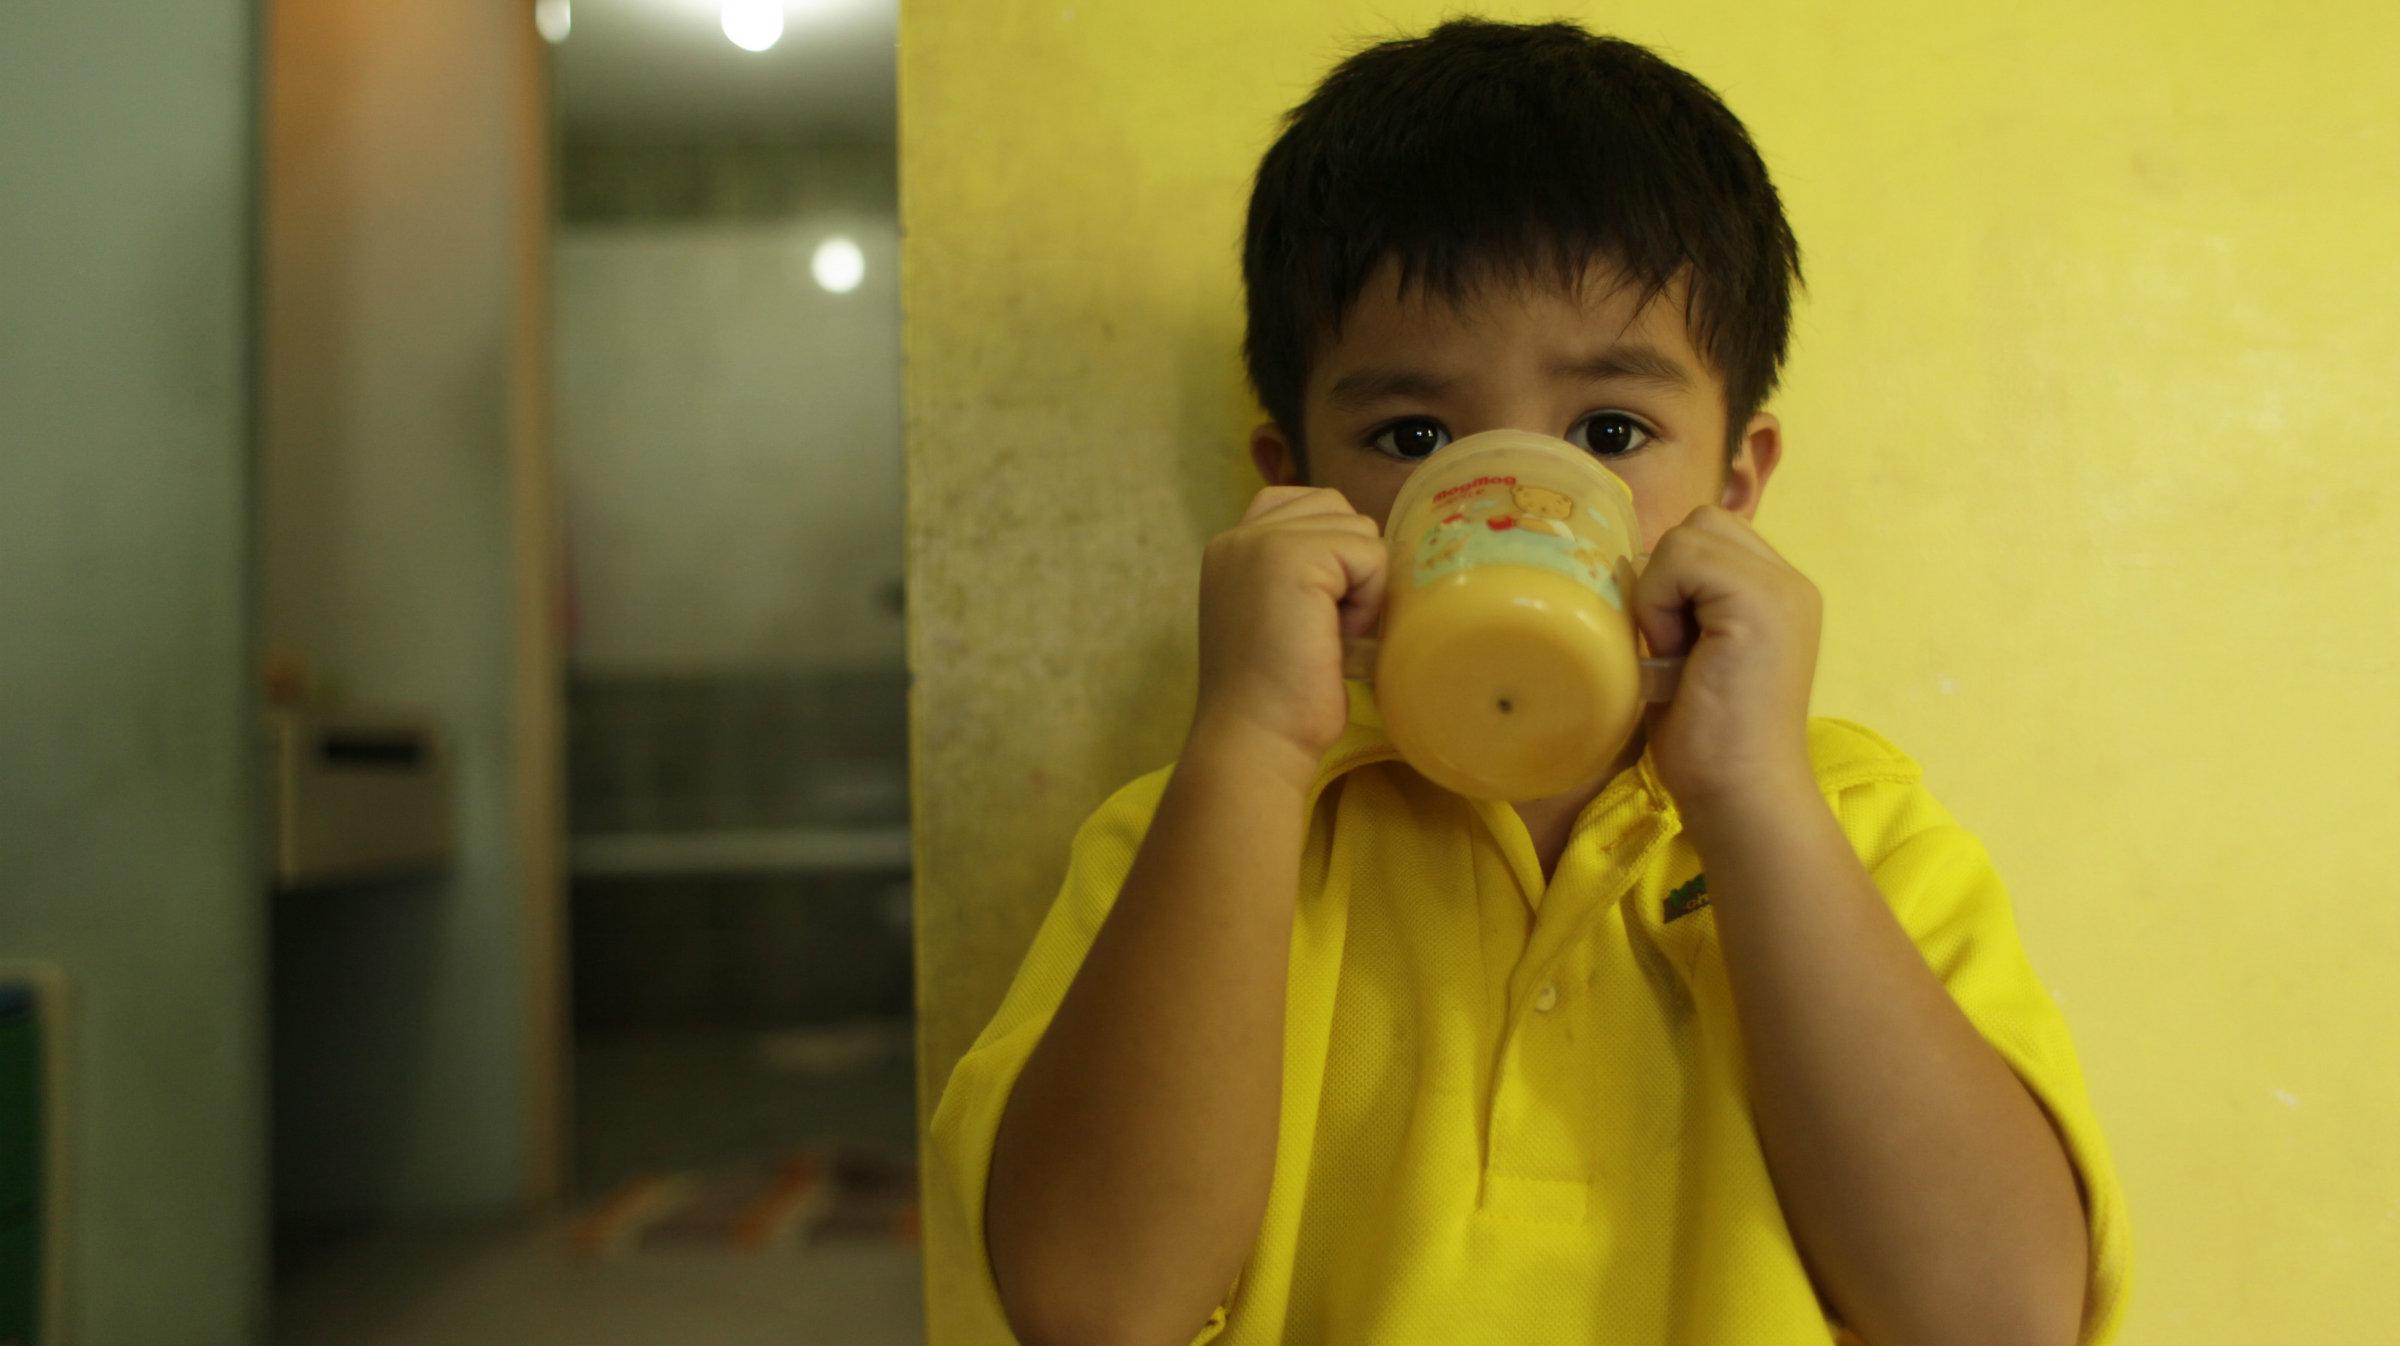 Got toddler milk?